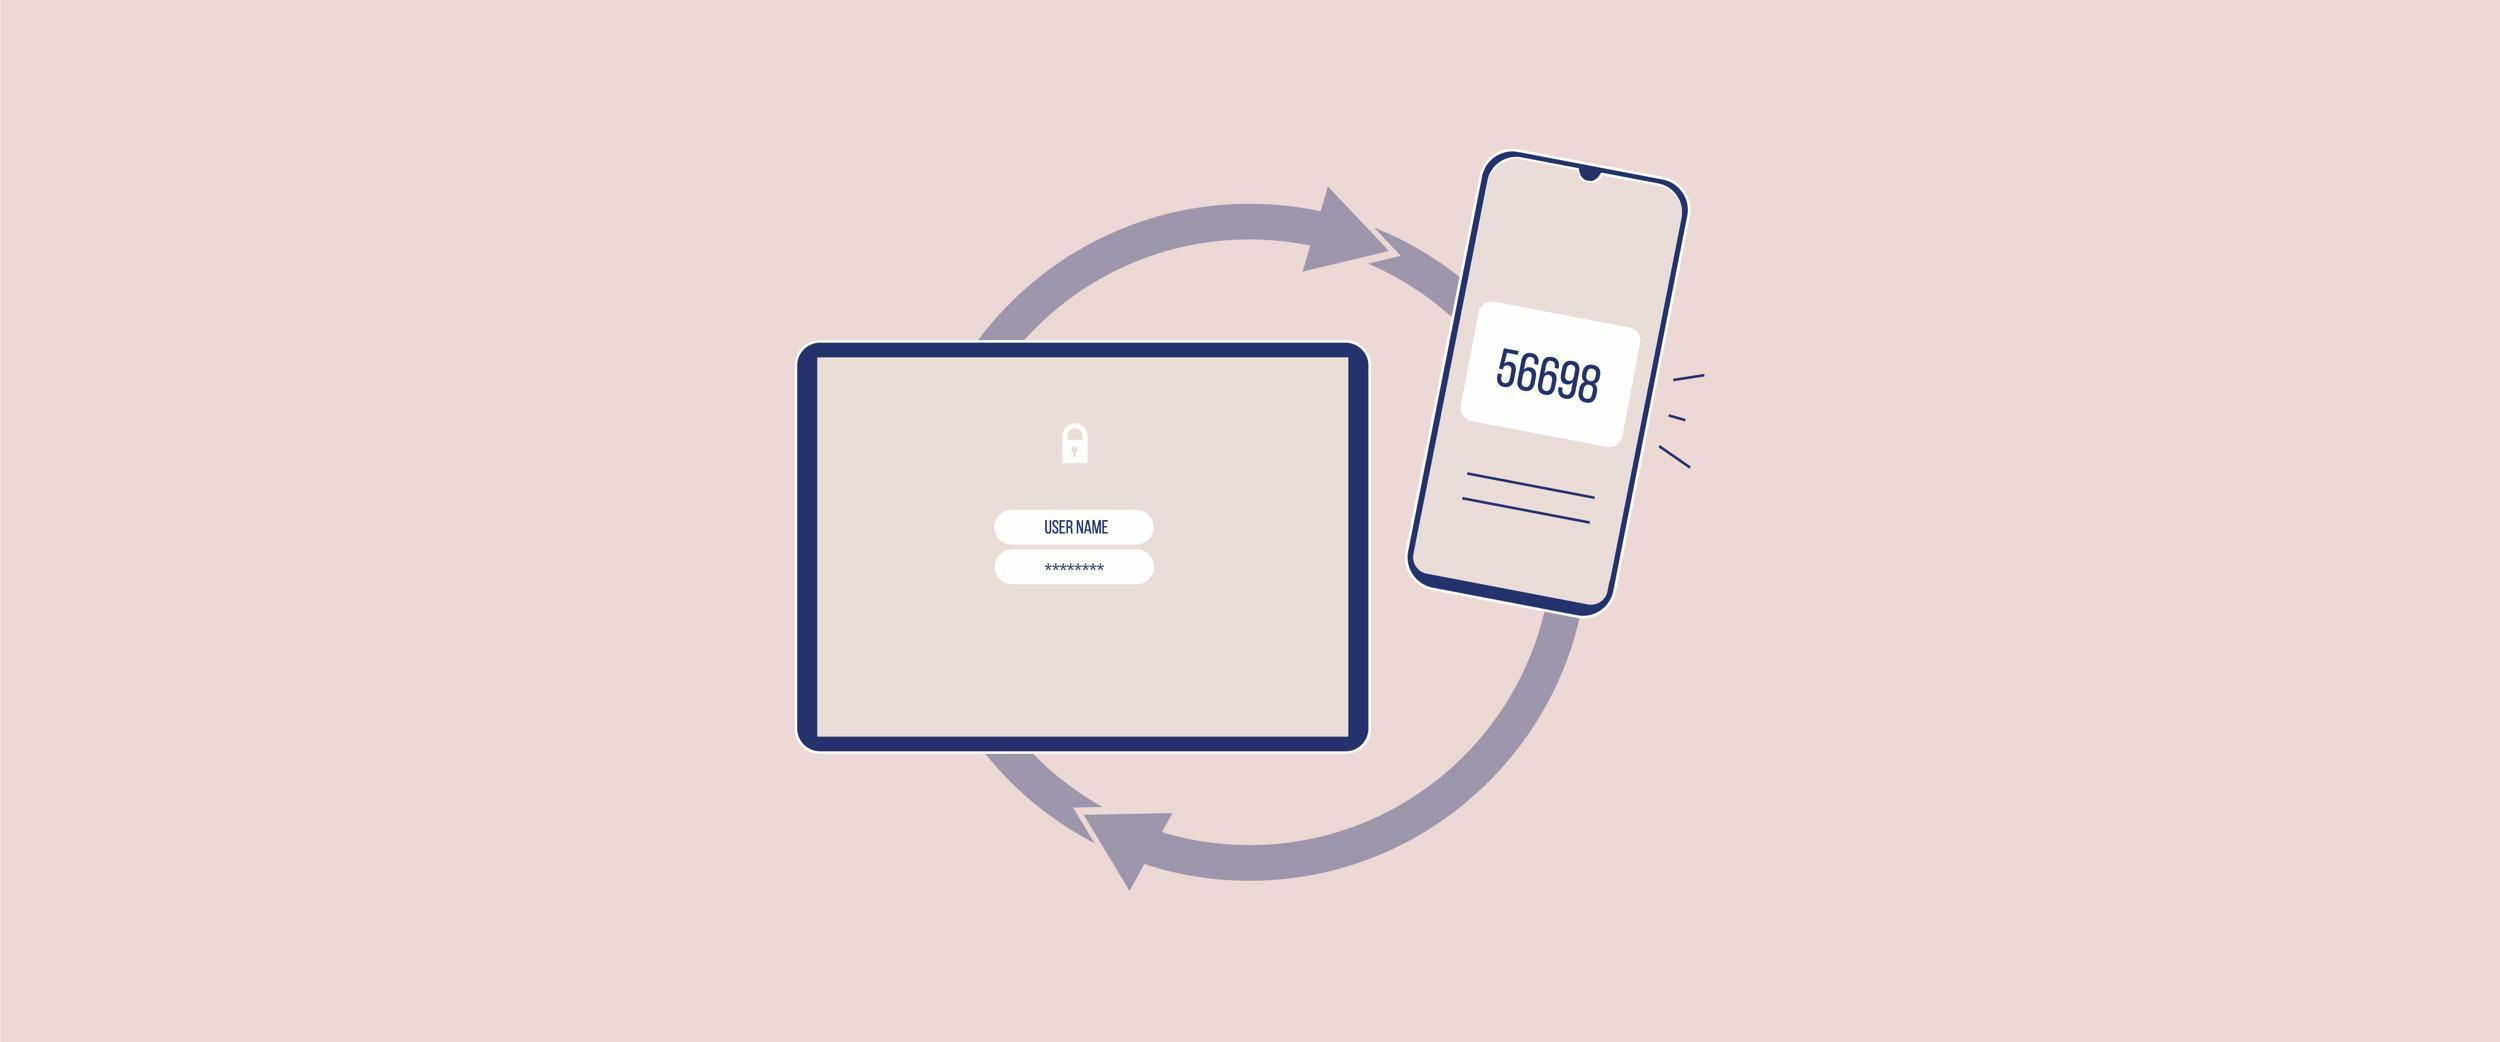 Hoe kan ik mijn account beter beveiligen met 2-factor authenticatie?